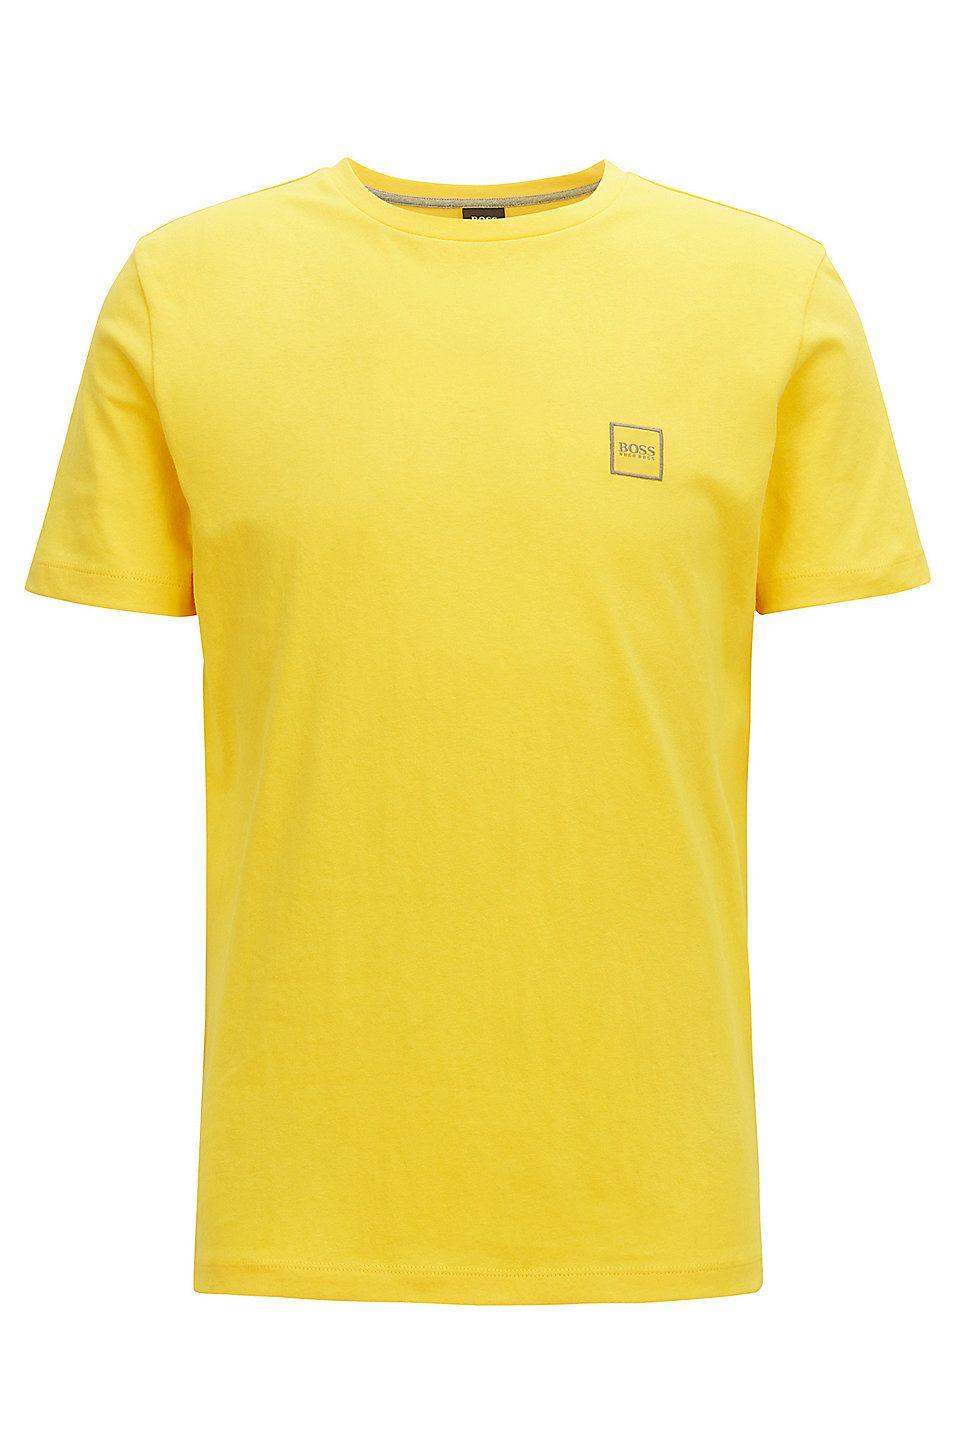 8fa192a74 Hugo Boss Black Crew Neck T Shirt Dark Green   Top Mode Depot